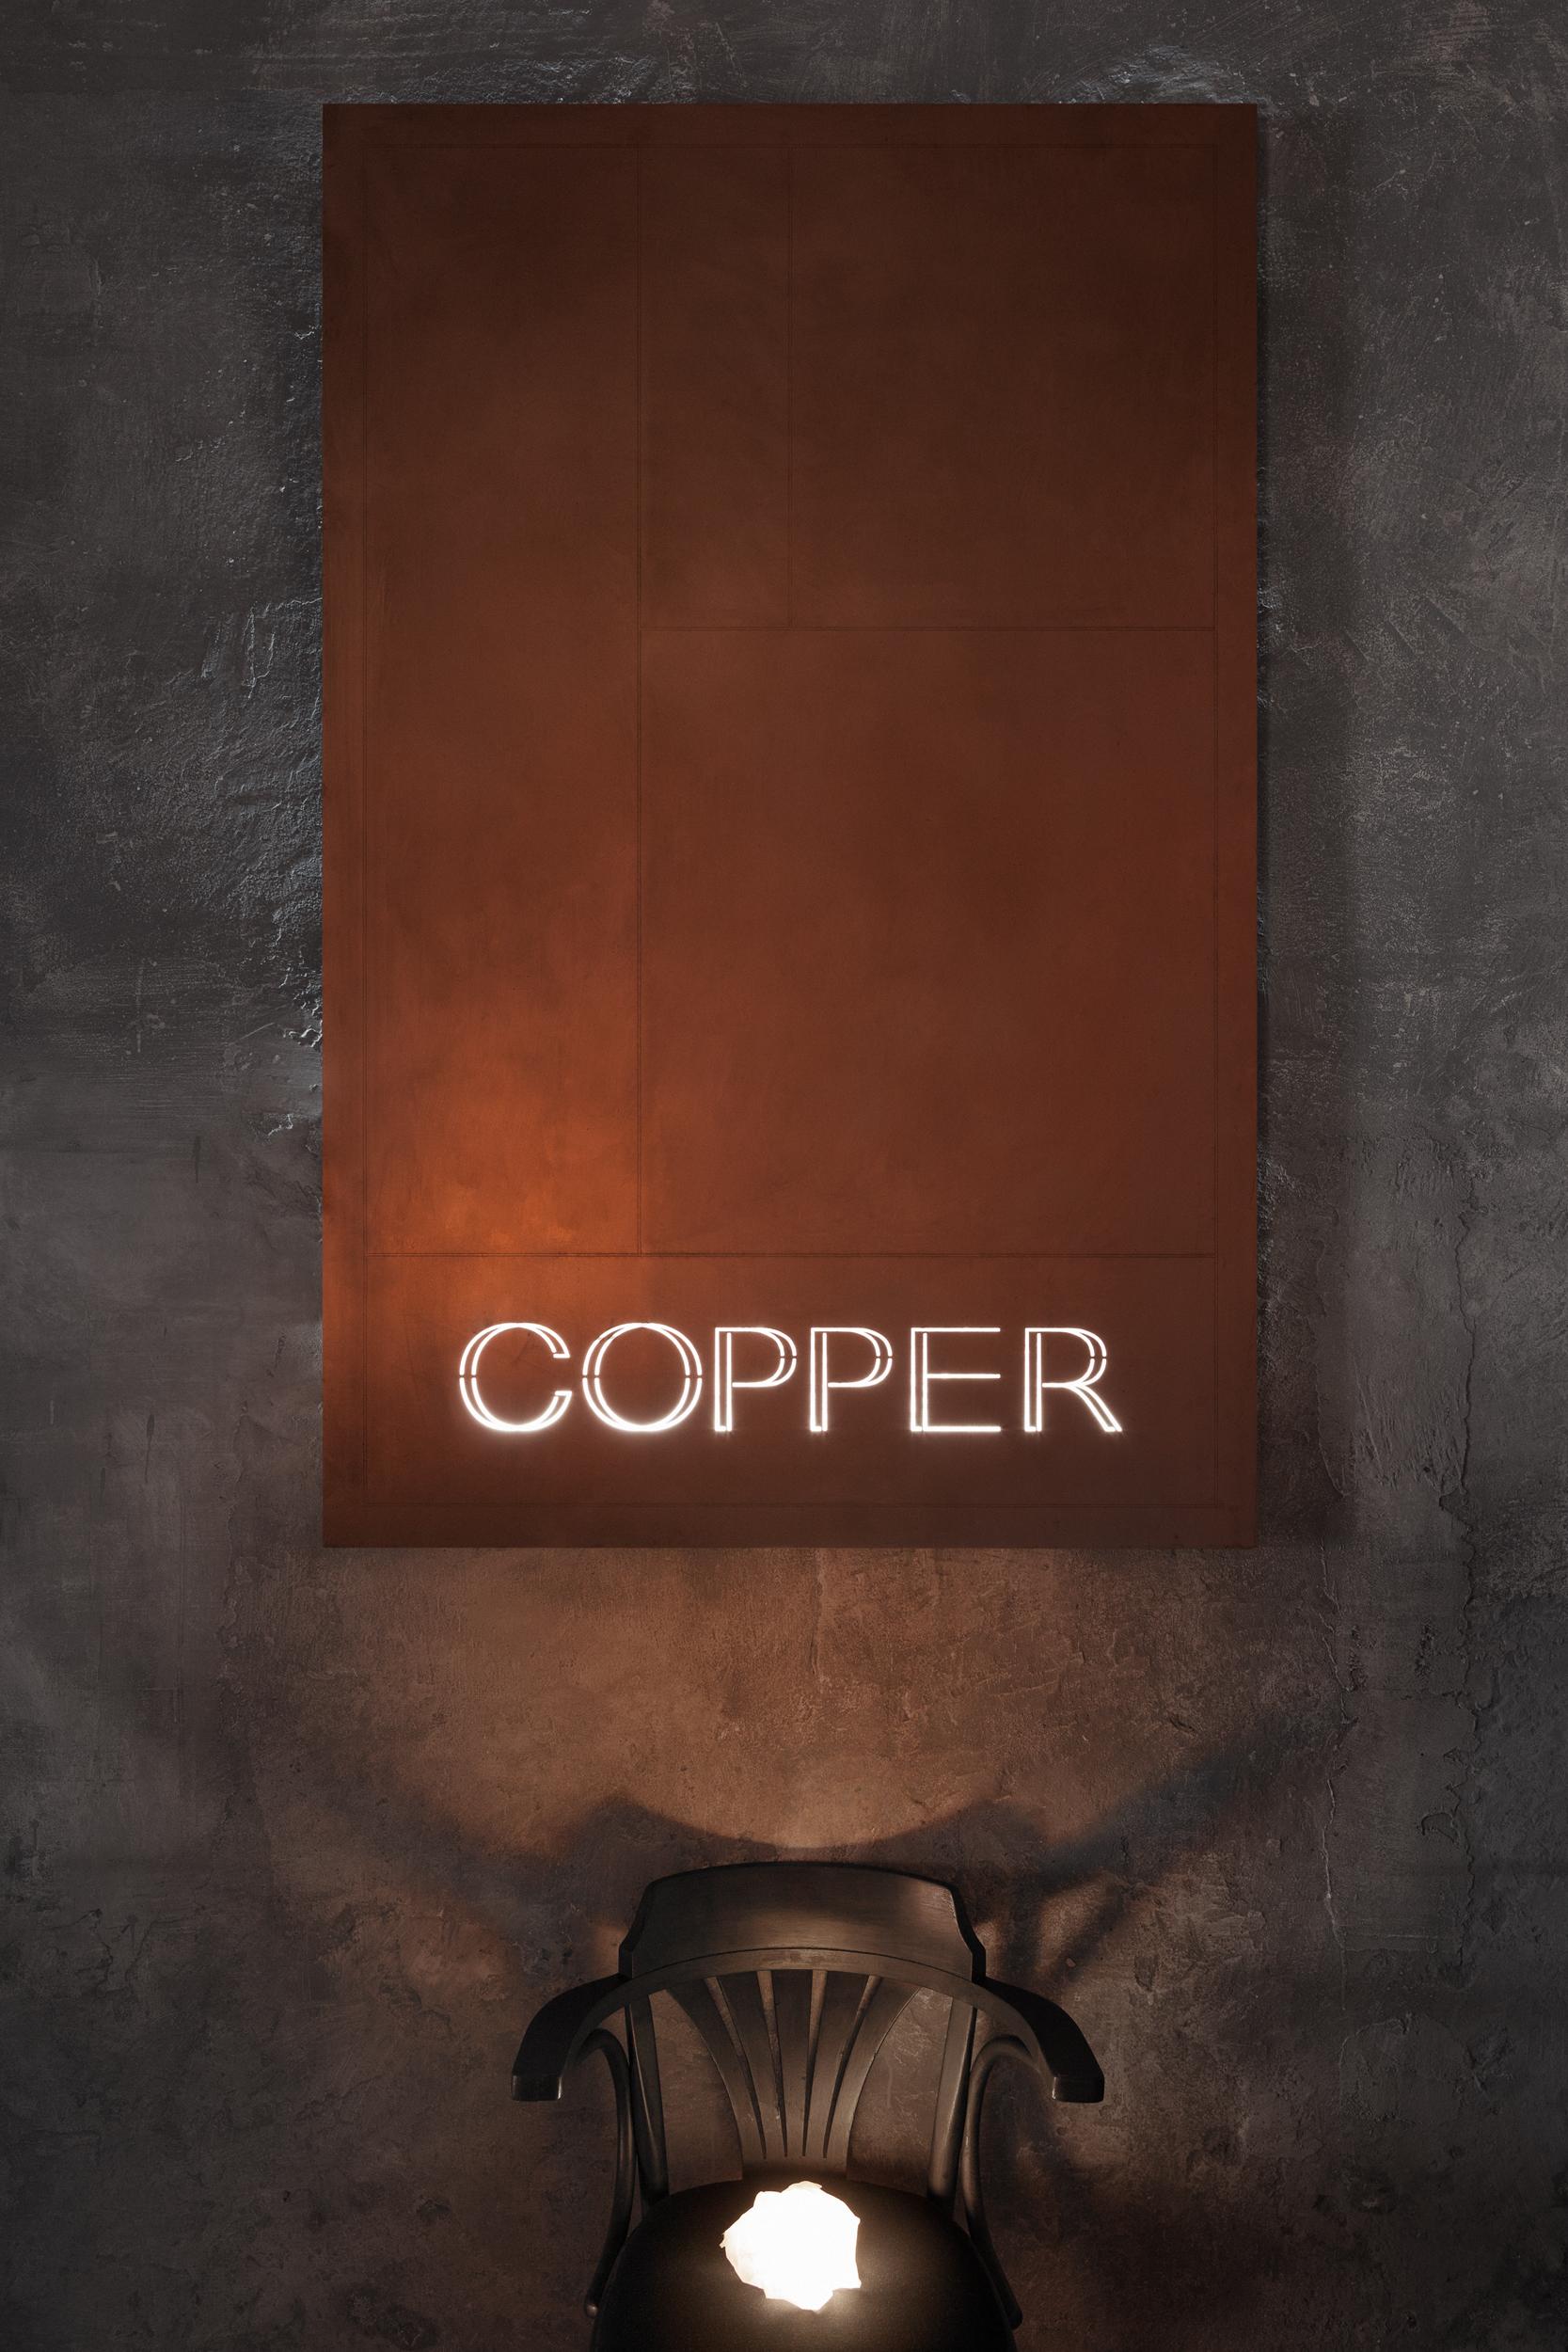 Copper_Bar_Zavoral_architekt_BoysPlayNice_06.jpg